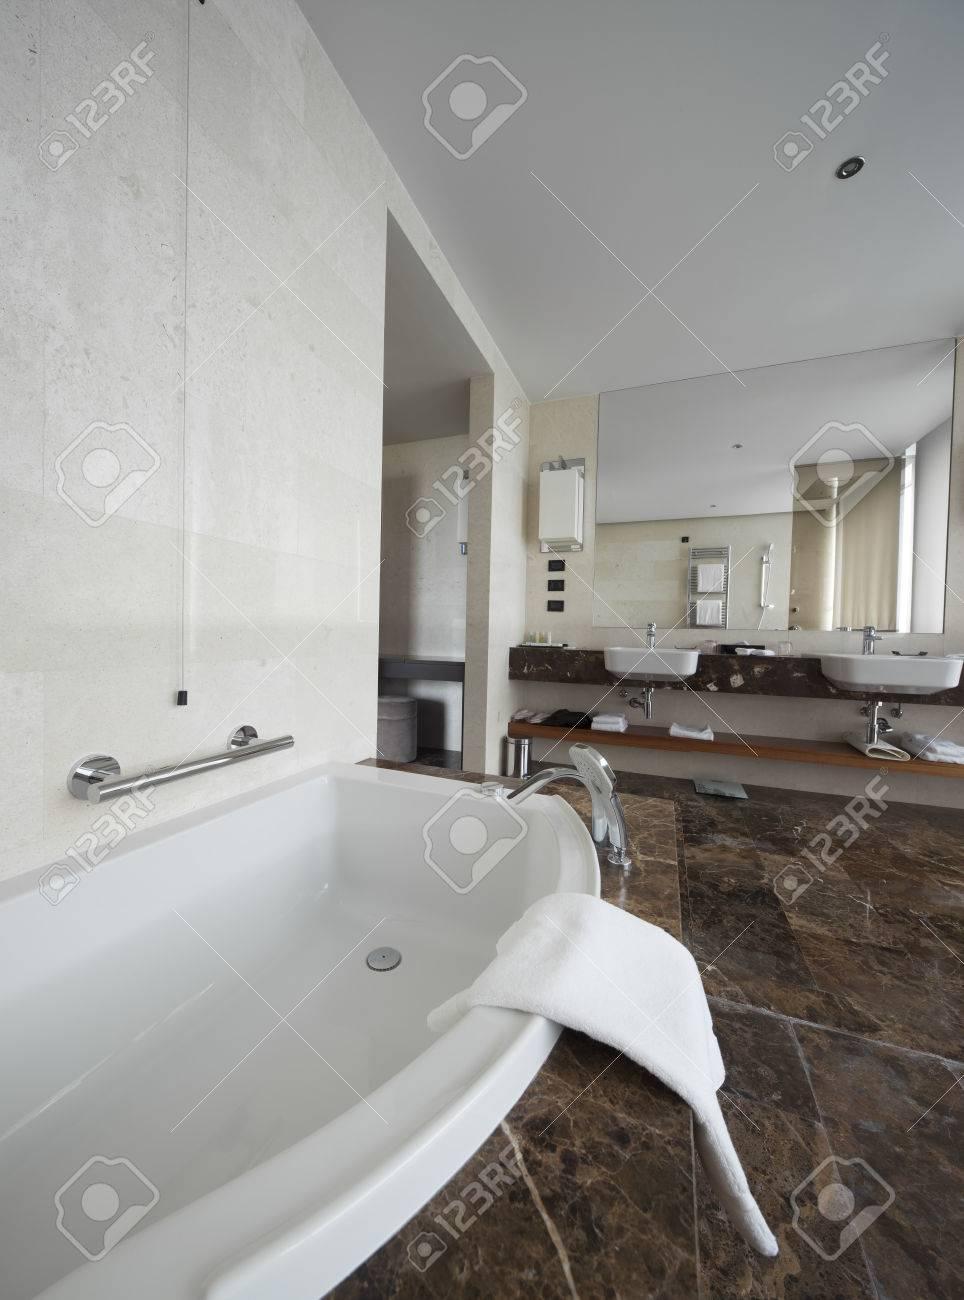 Moderne Badezimmer Interieur Mit Doppel-Waschbecken Und Große ...